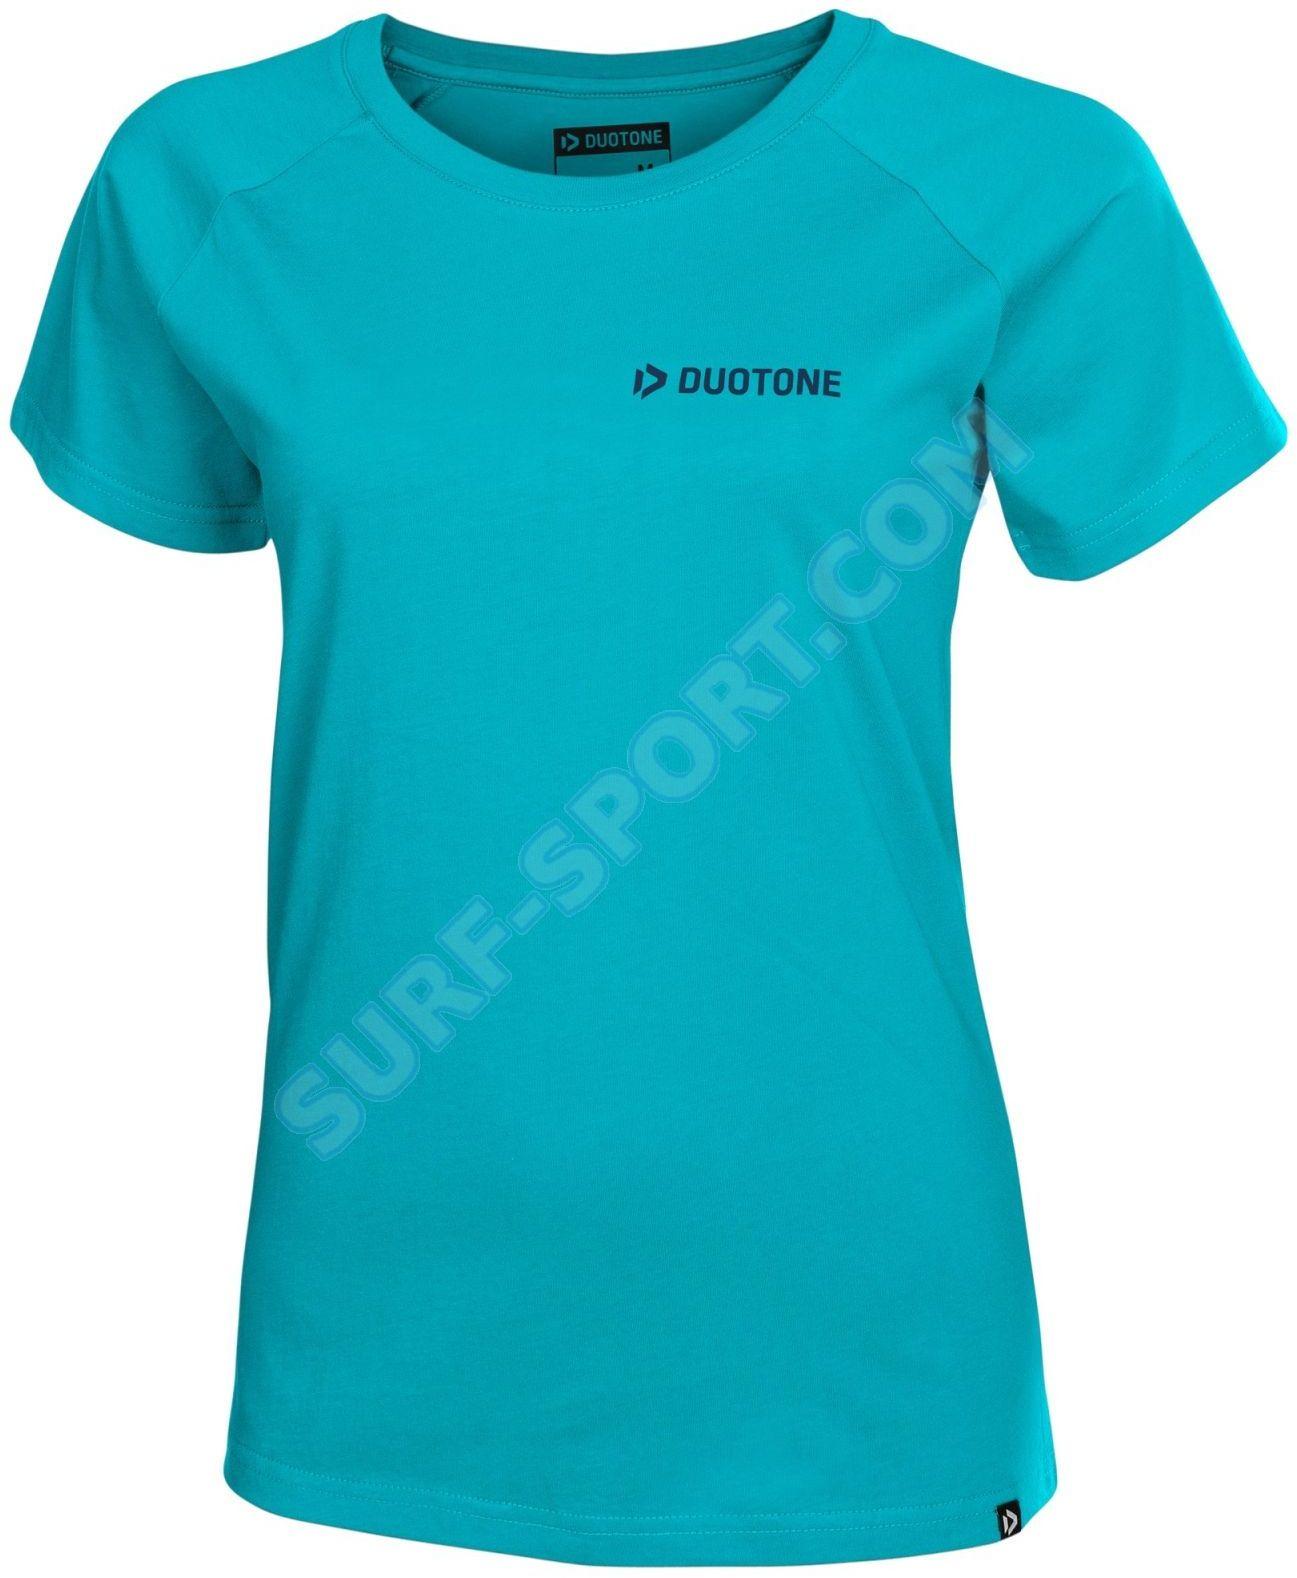 Koszulka Duotone Tee SS Waves Women 2019 Blue Bird